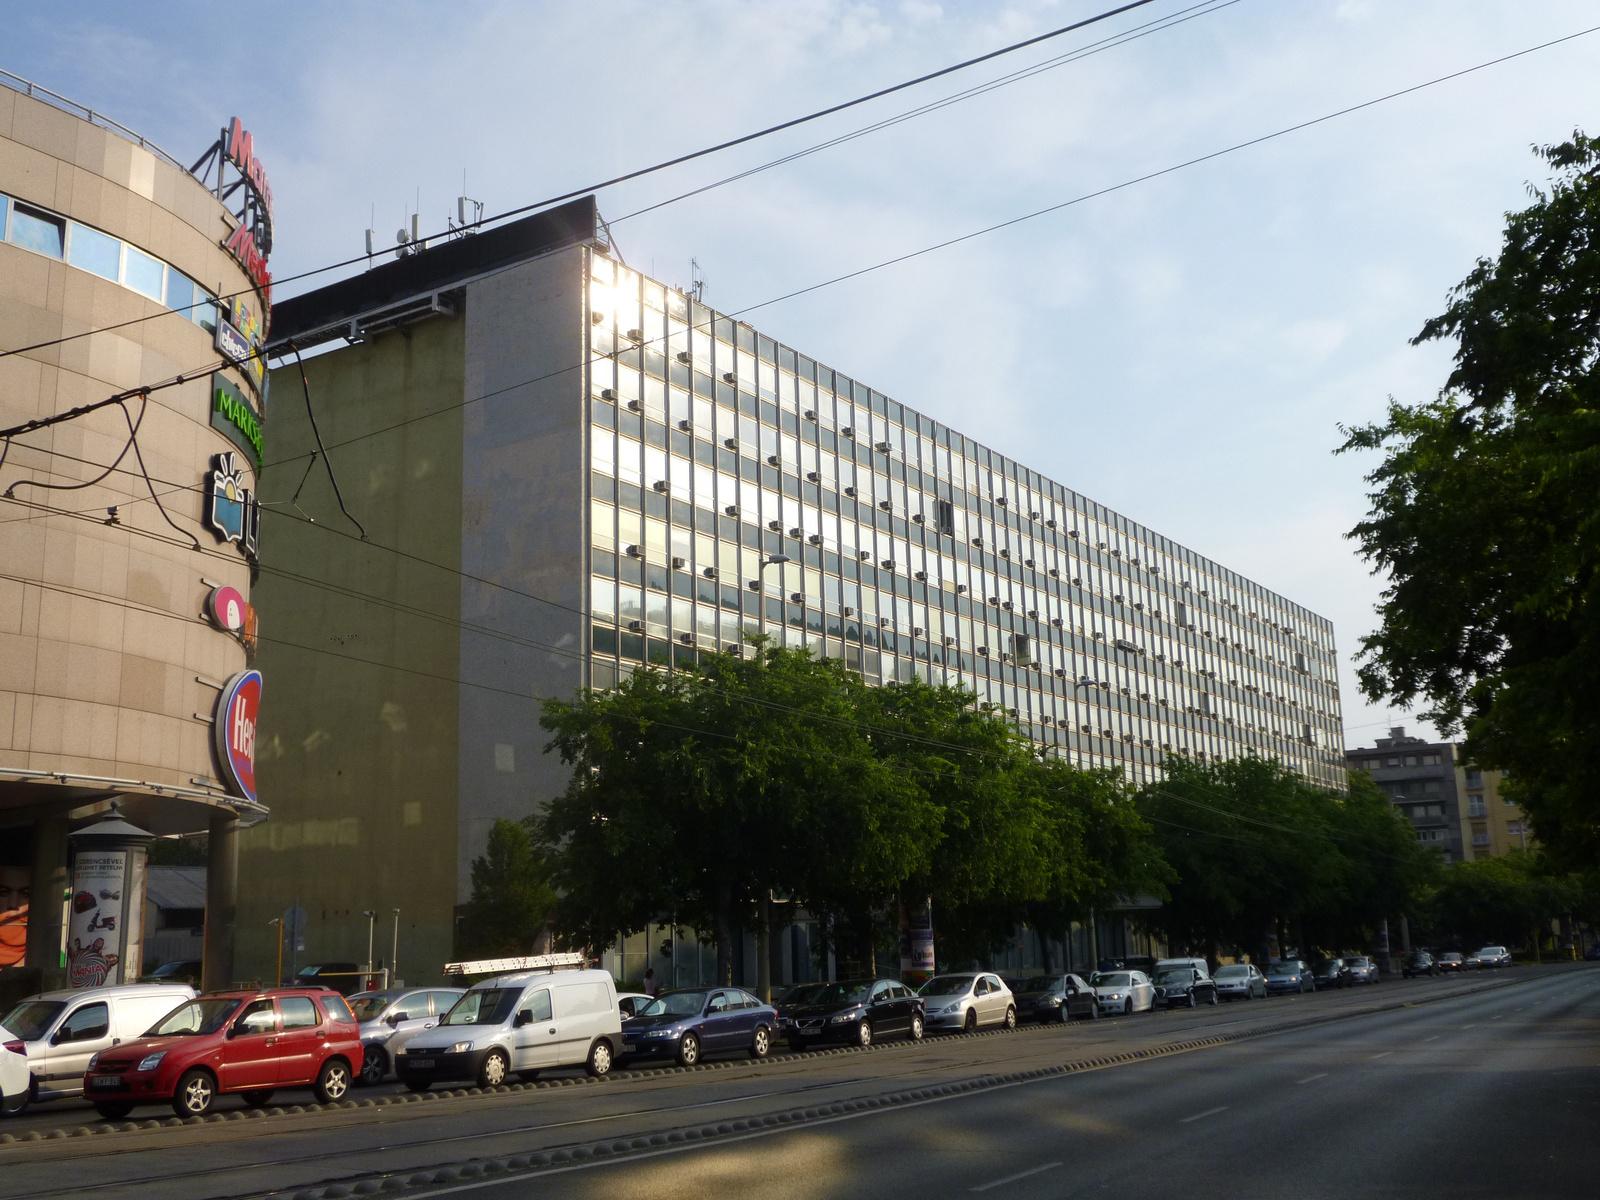 GazdasagiMiniszterium-MargitKrt-20130711-08